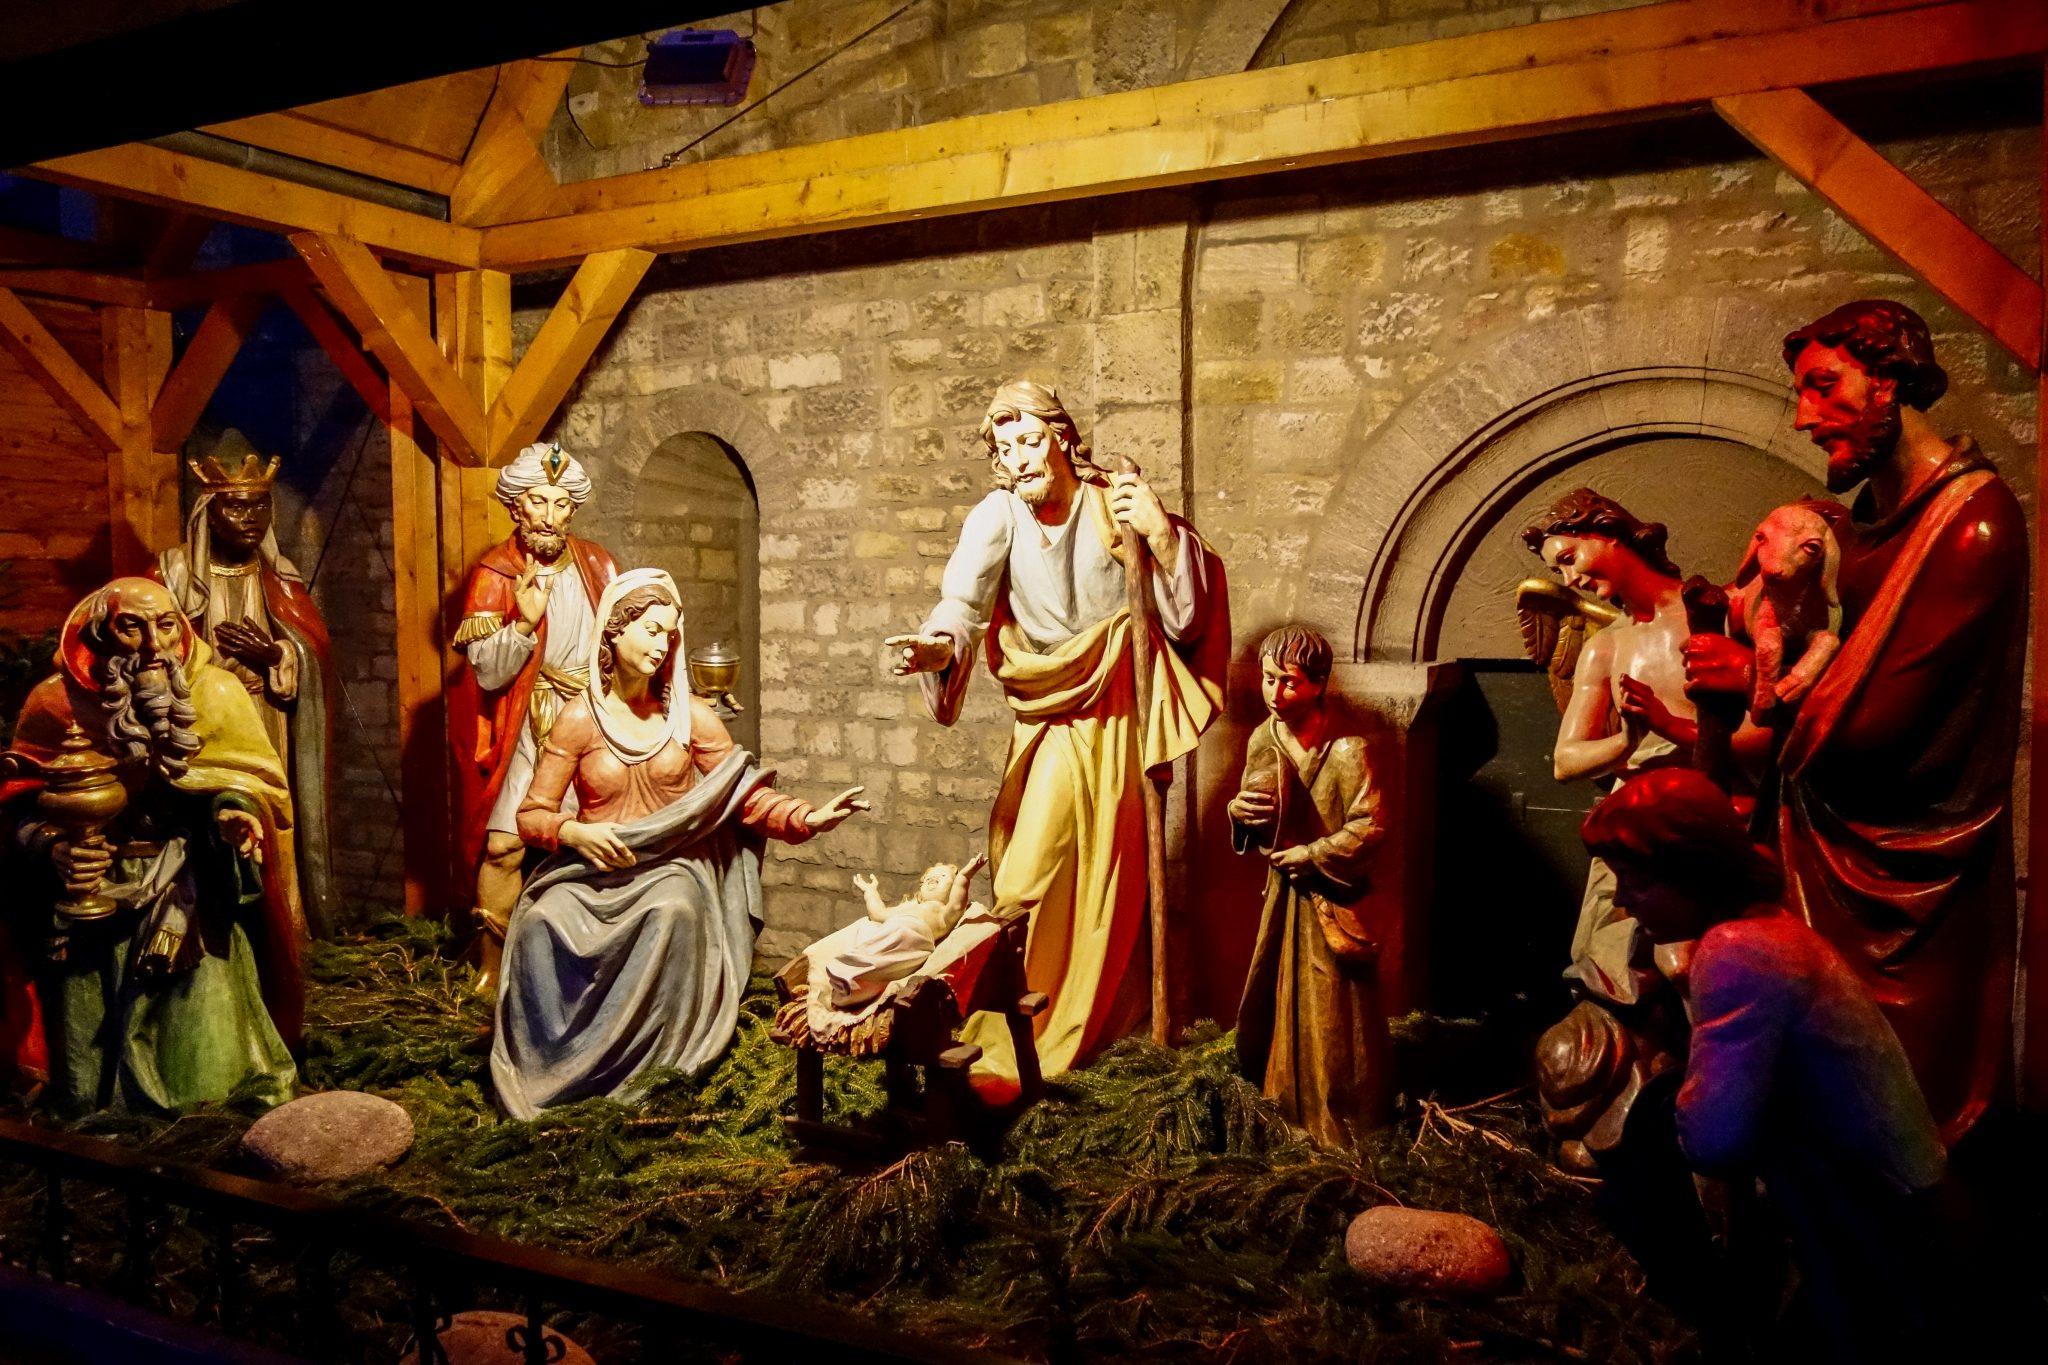 Die Krippe auf dem Mainzer Weihnachtsmarkt ist handgeschnitzt.